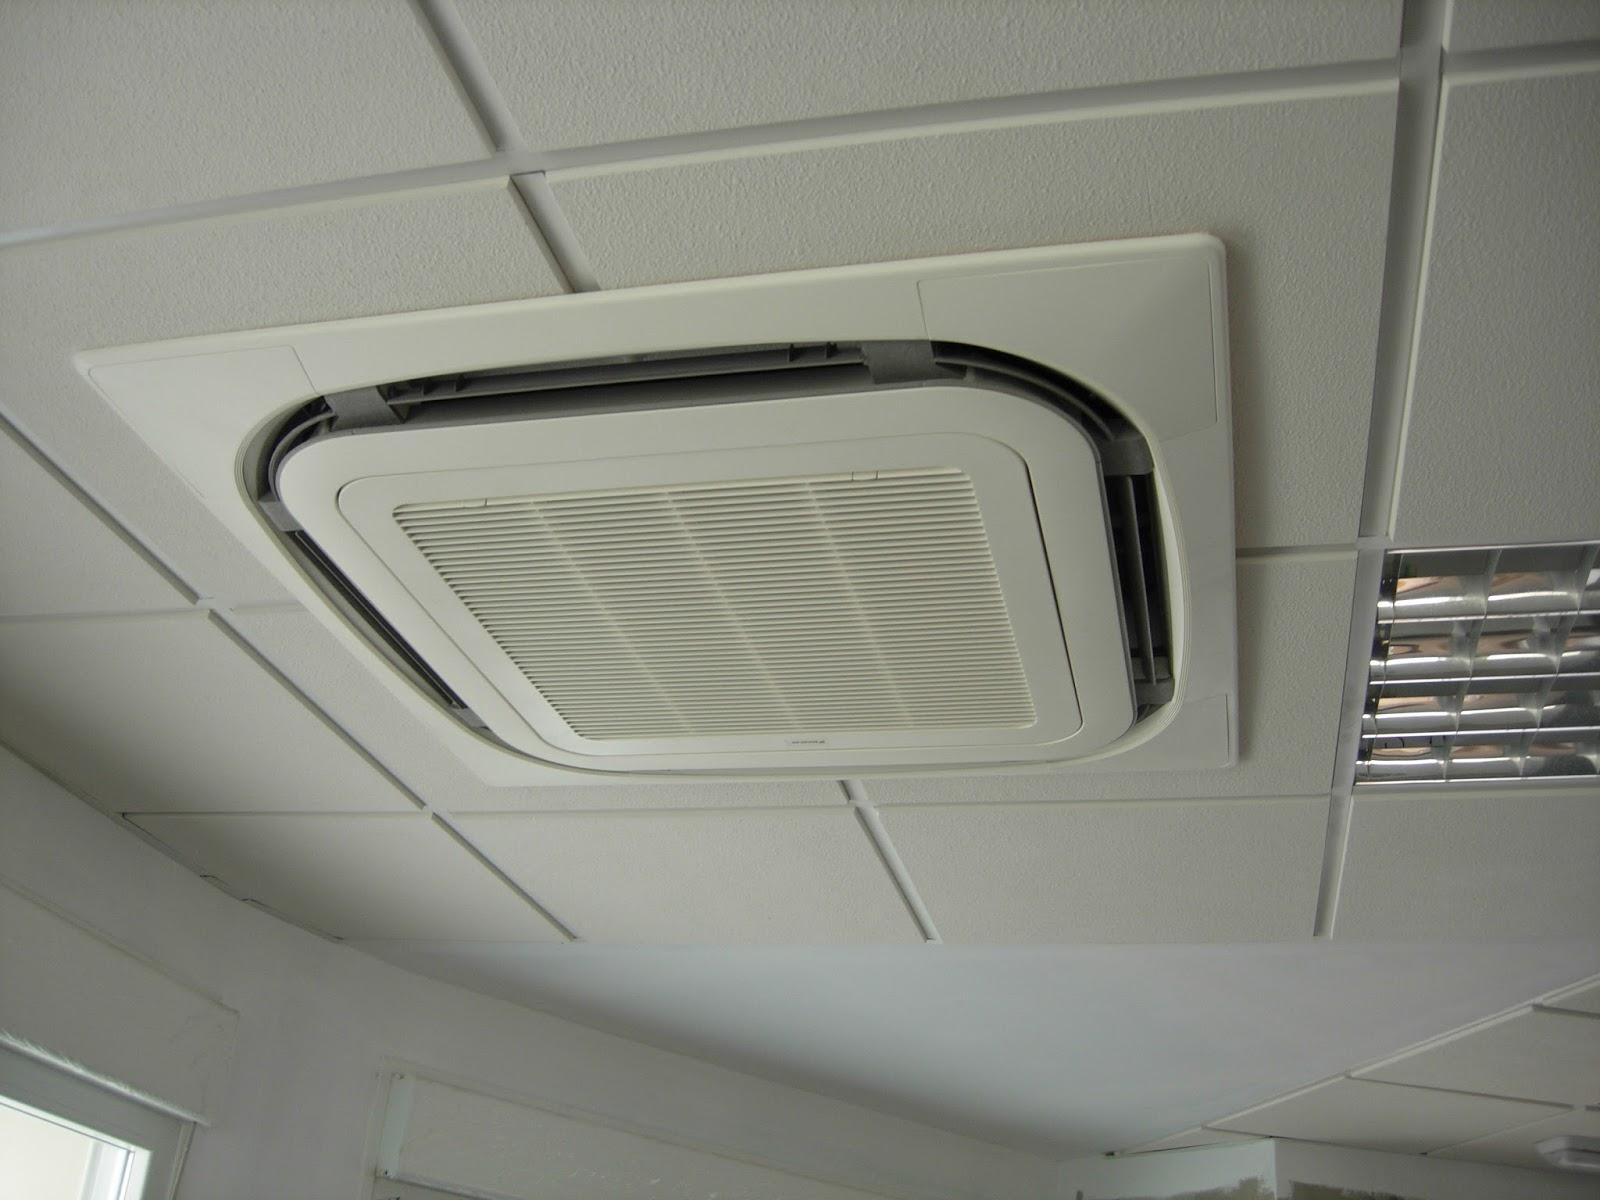 Mantenimiento y reparaci n de aire acondicionado aire for Reparacion aire acondicionado zaragoza